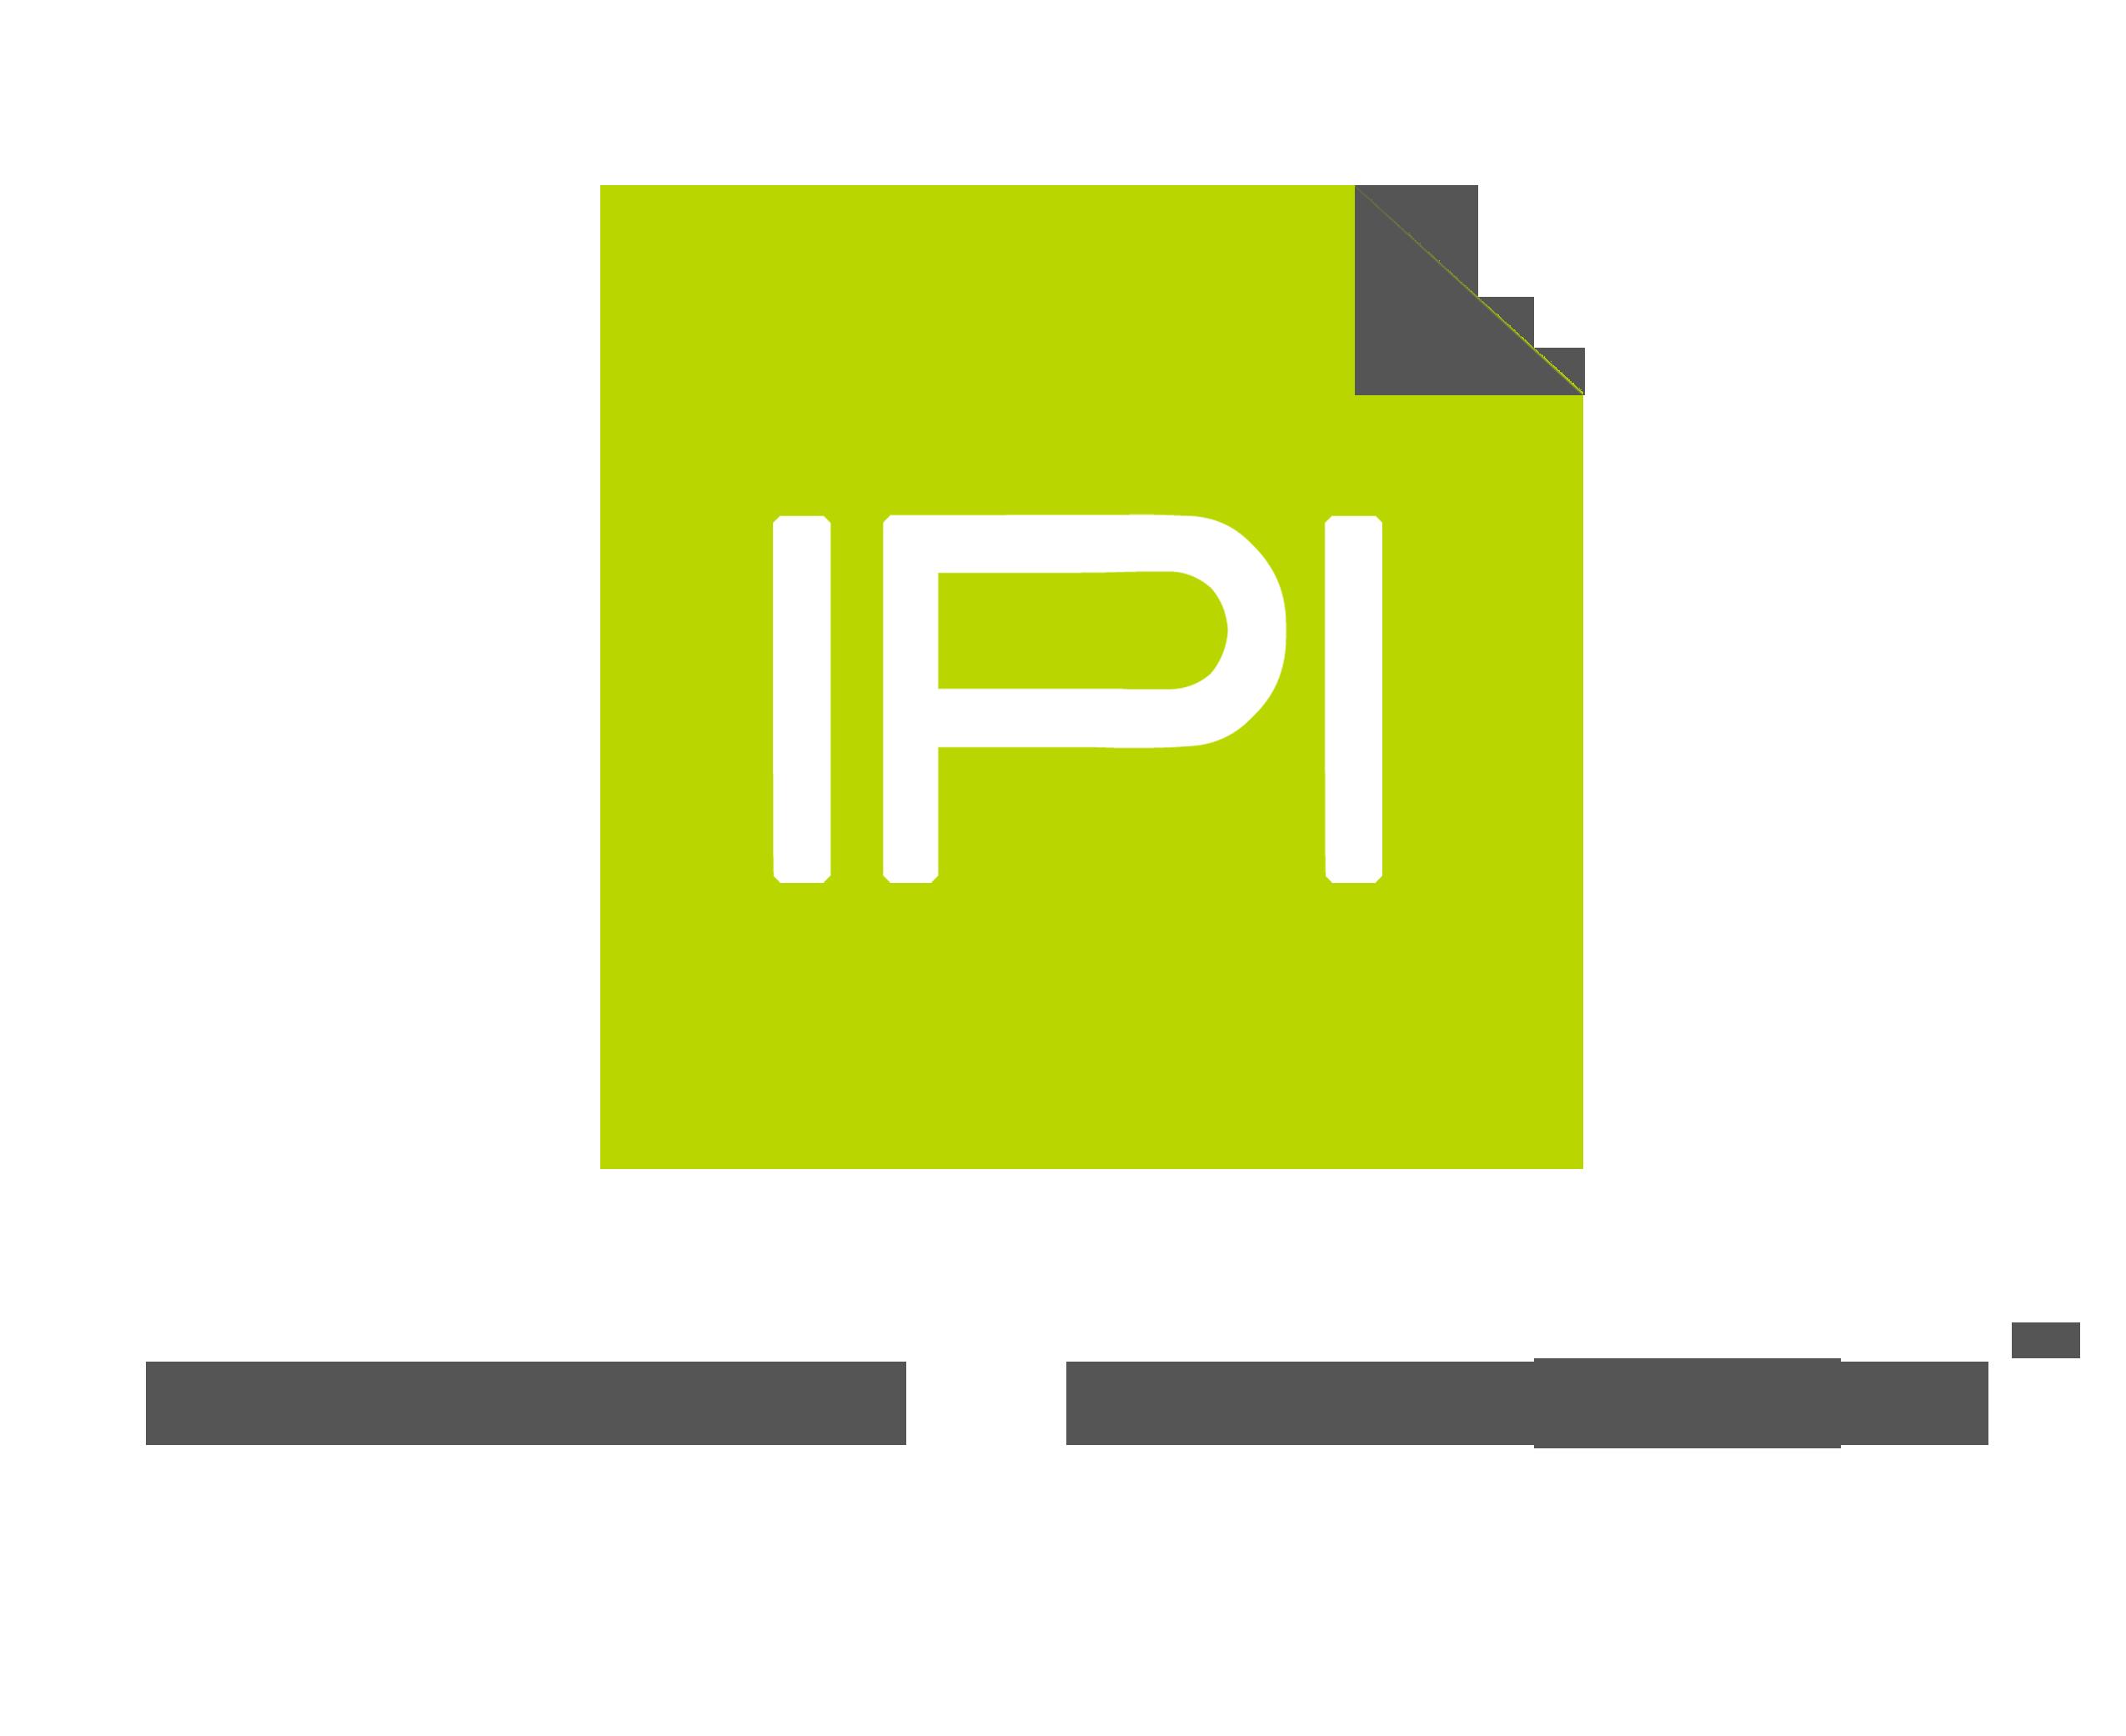 IPI - Member Network